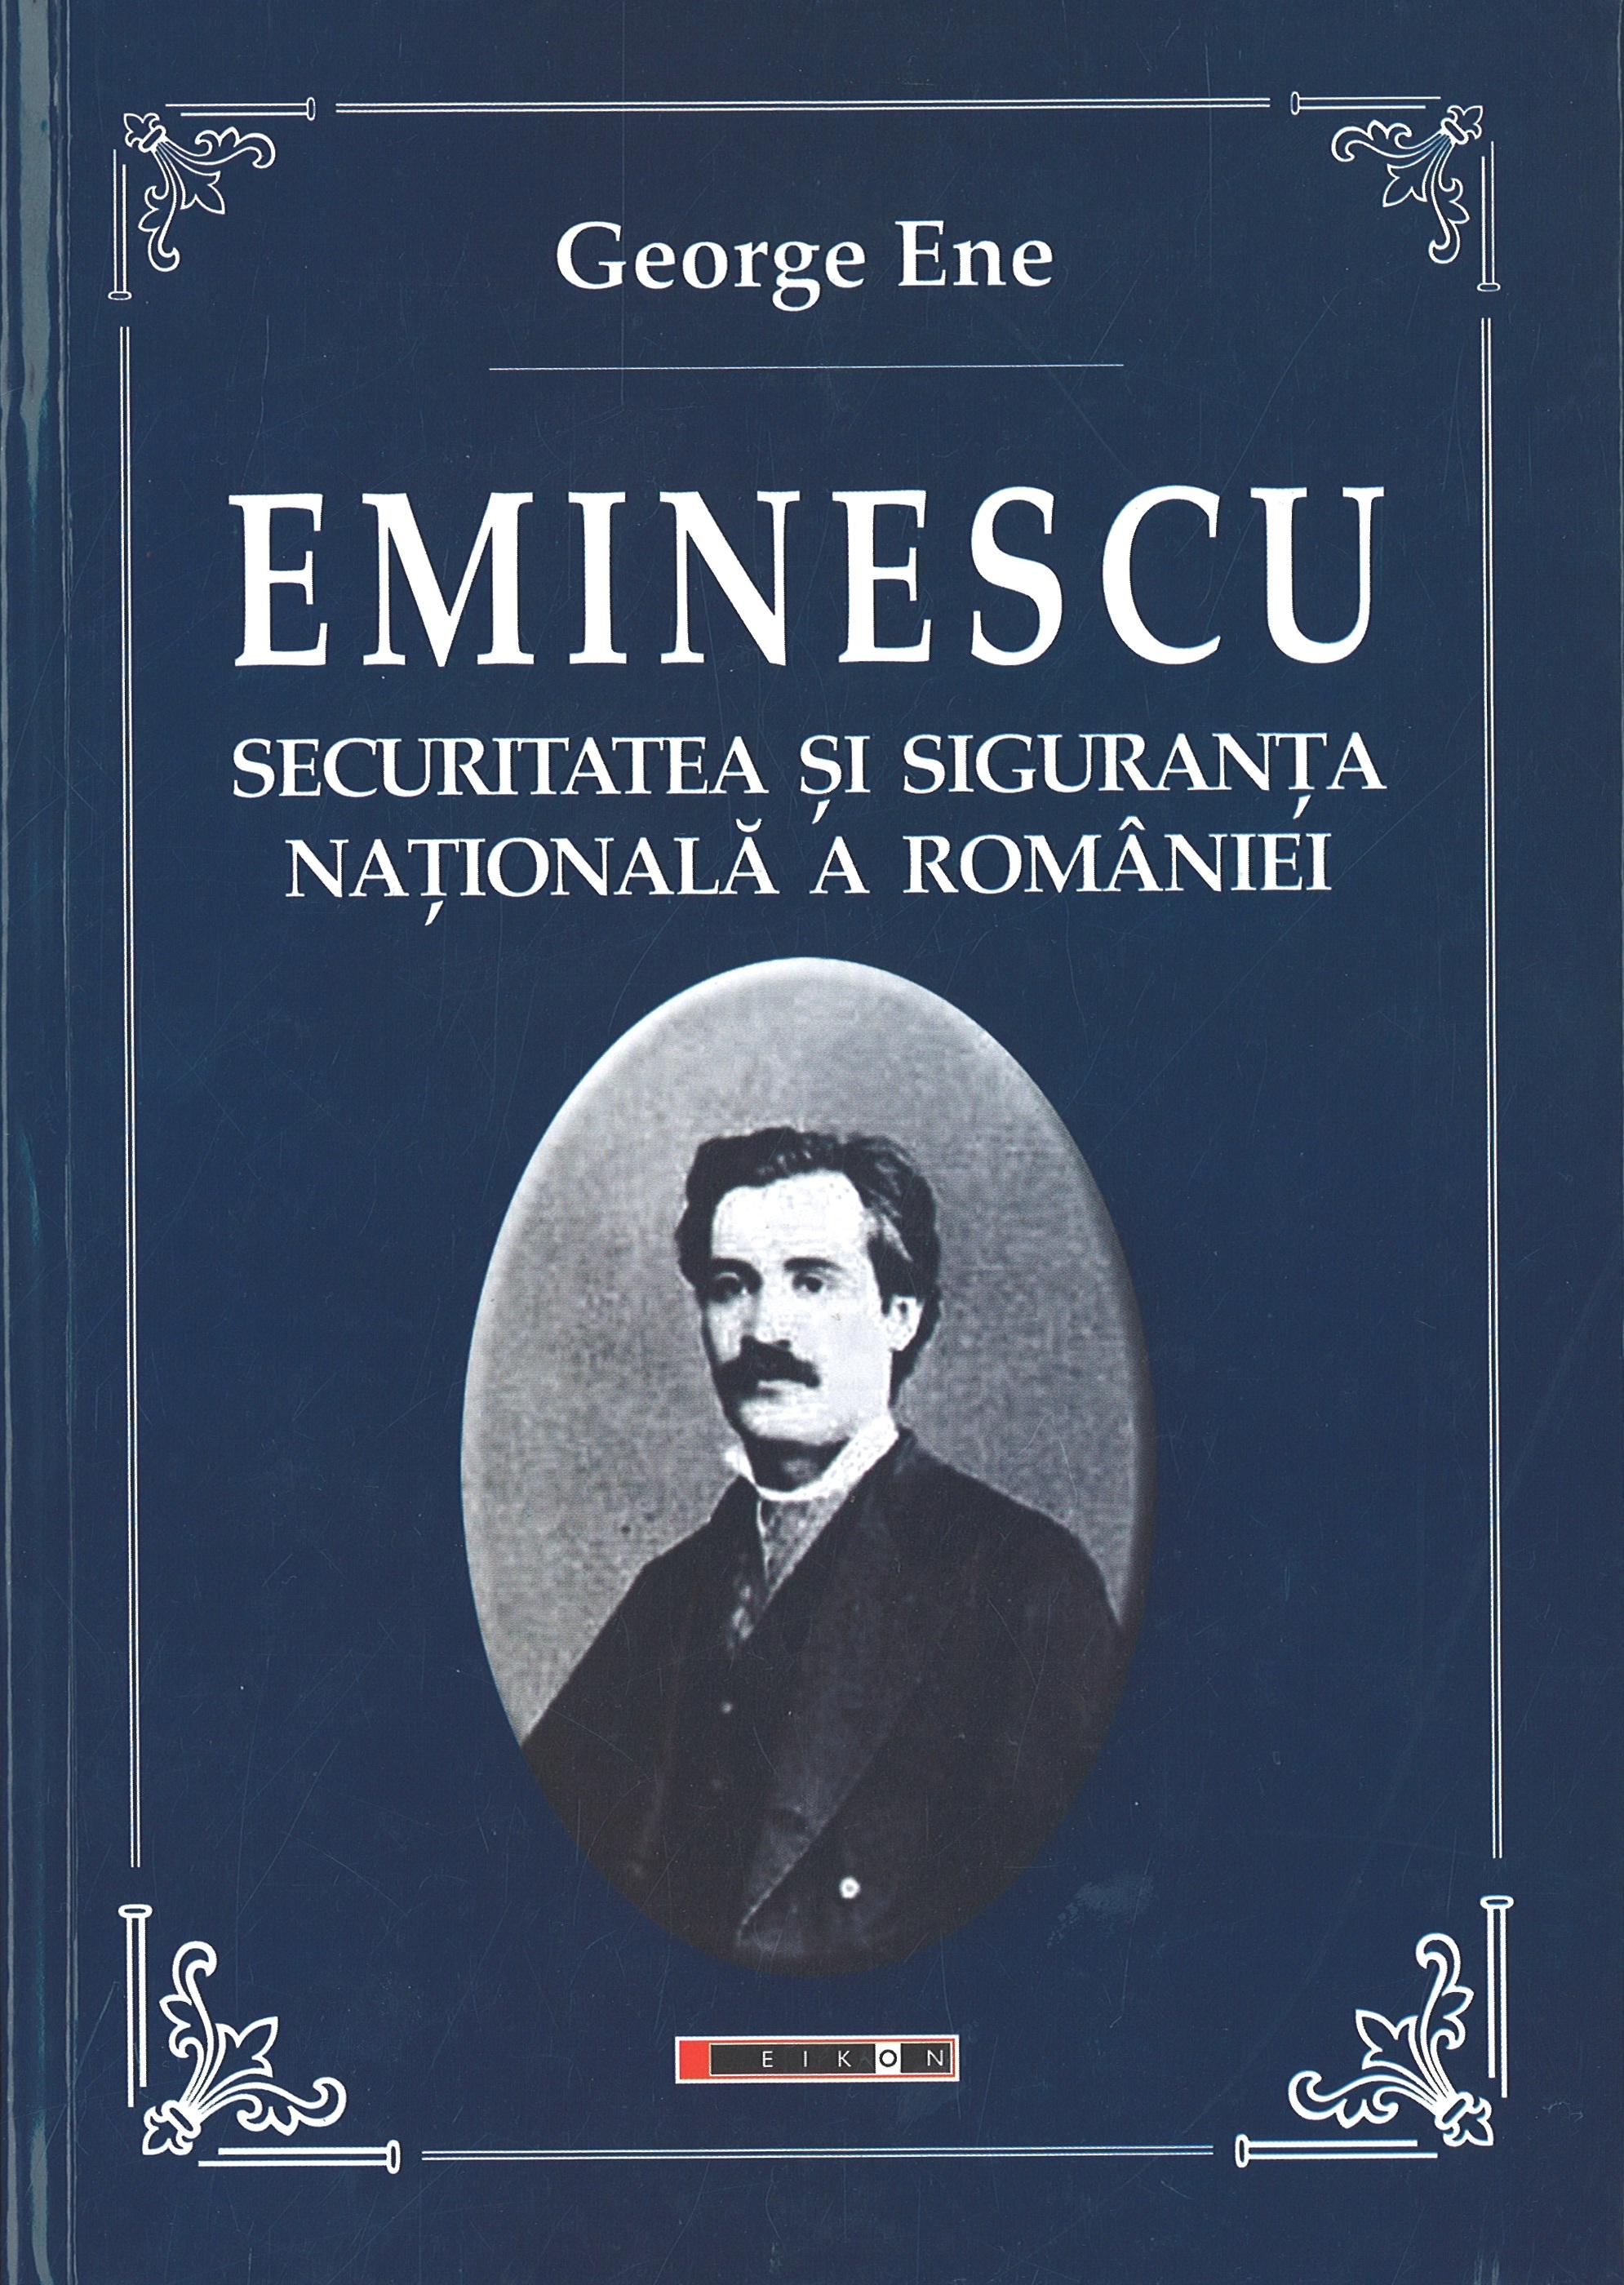 Eminescu-Securitatea si Siguranta Nationala a Romaniei